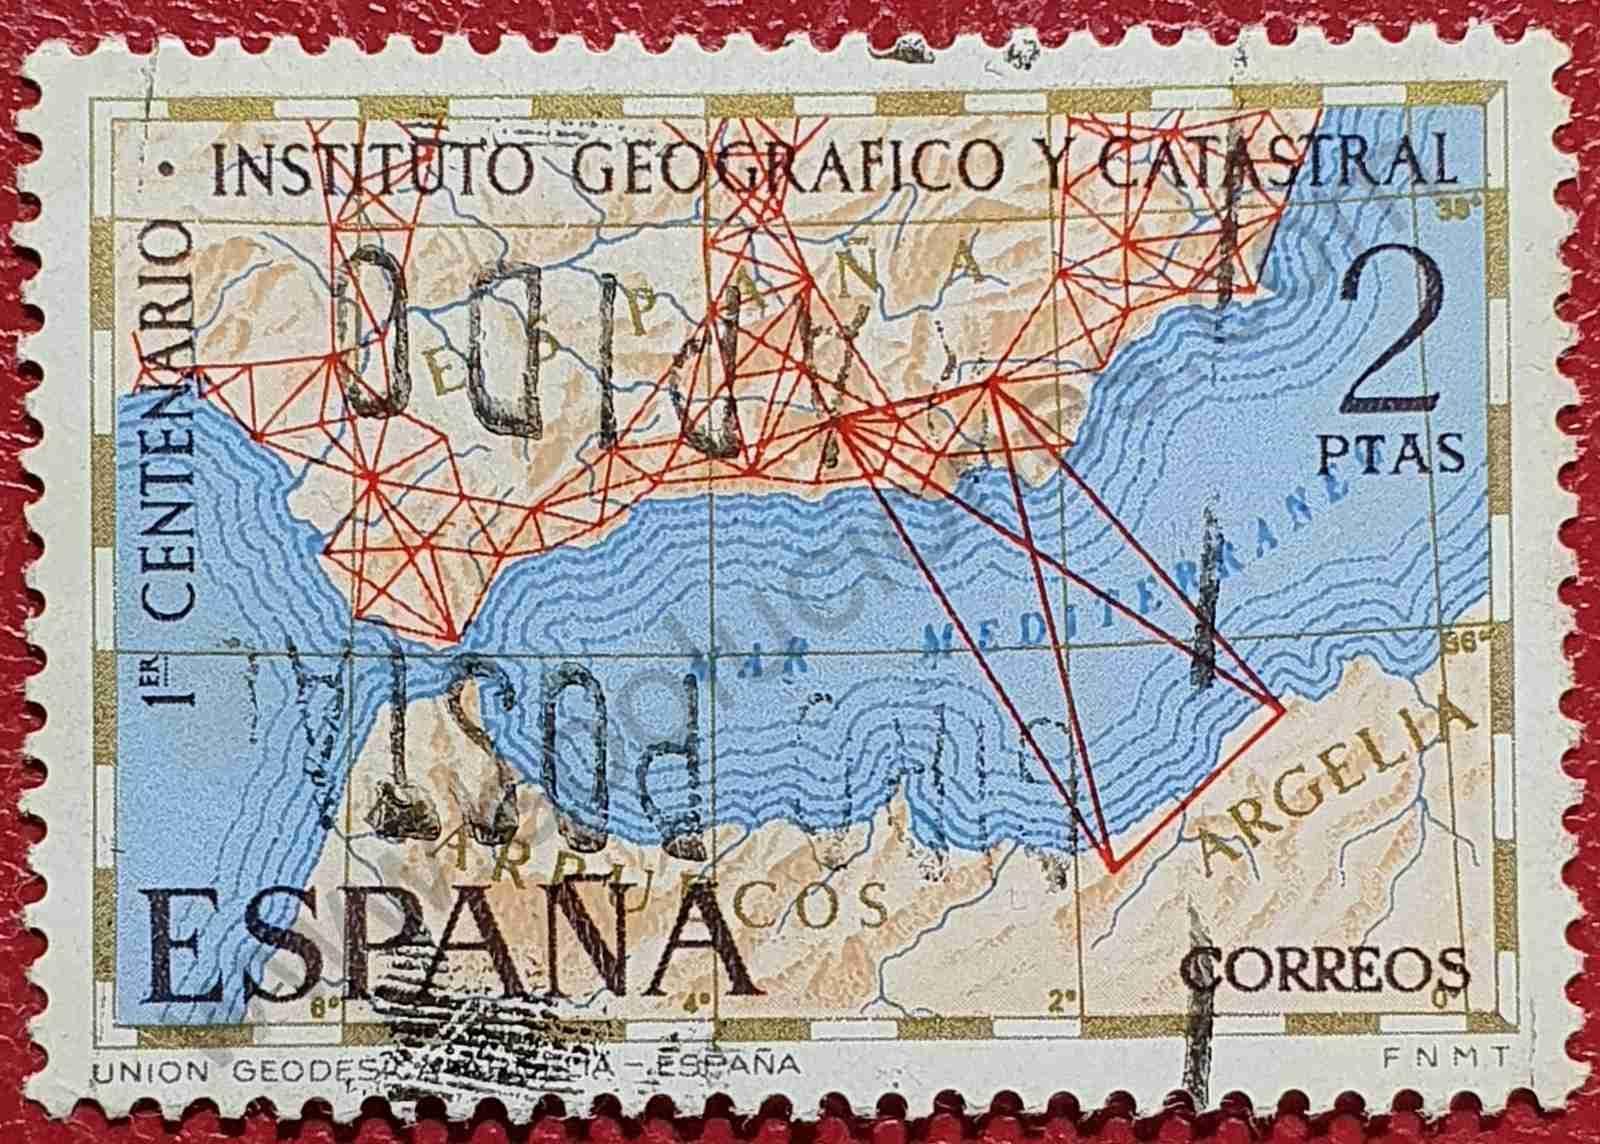 Centenario del Instituto Geográfico y Catastral - Sello España 1970